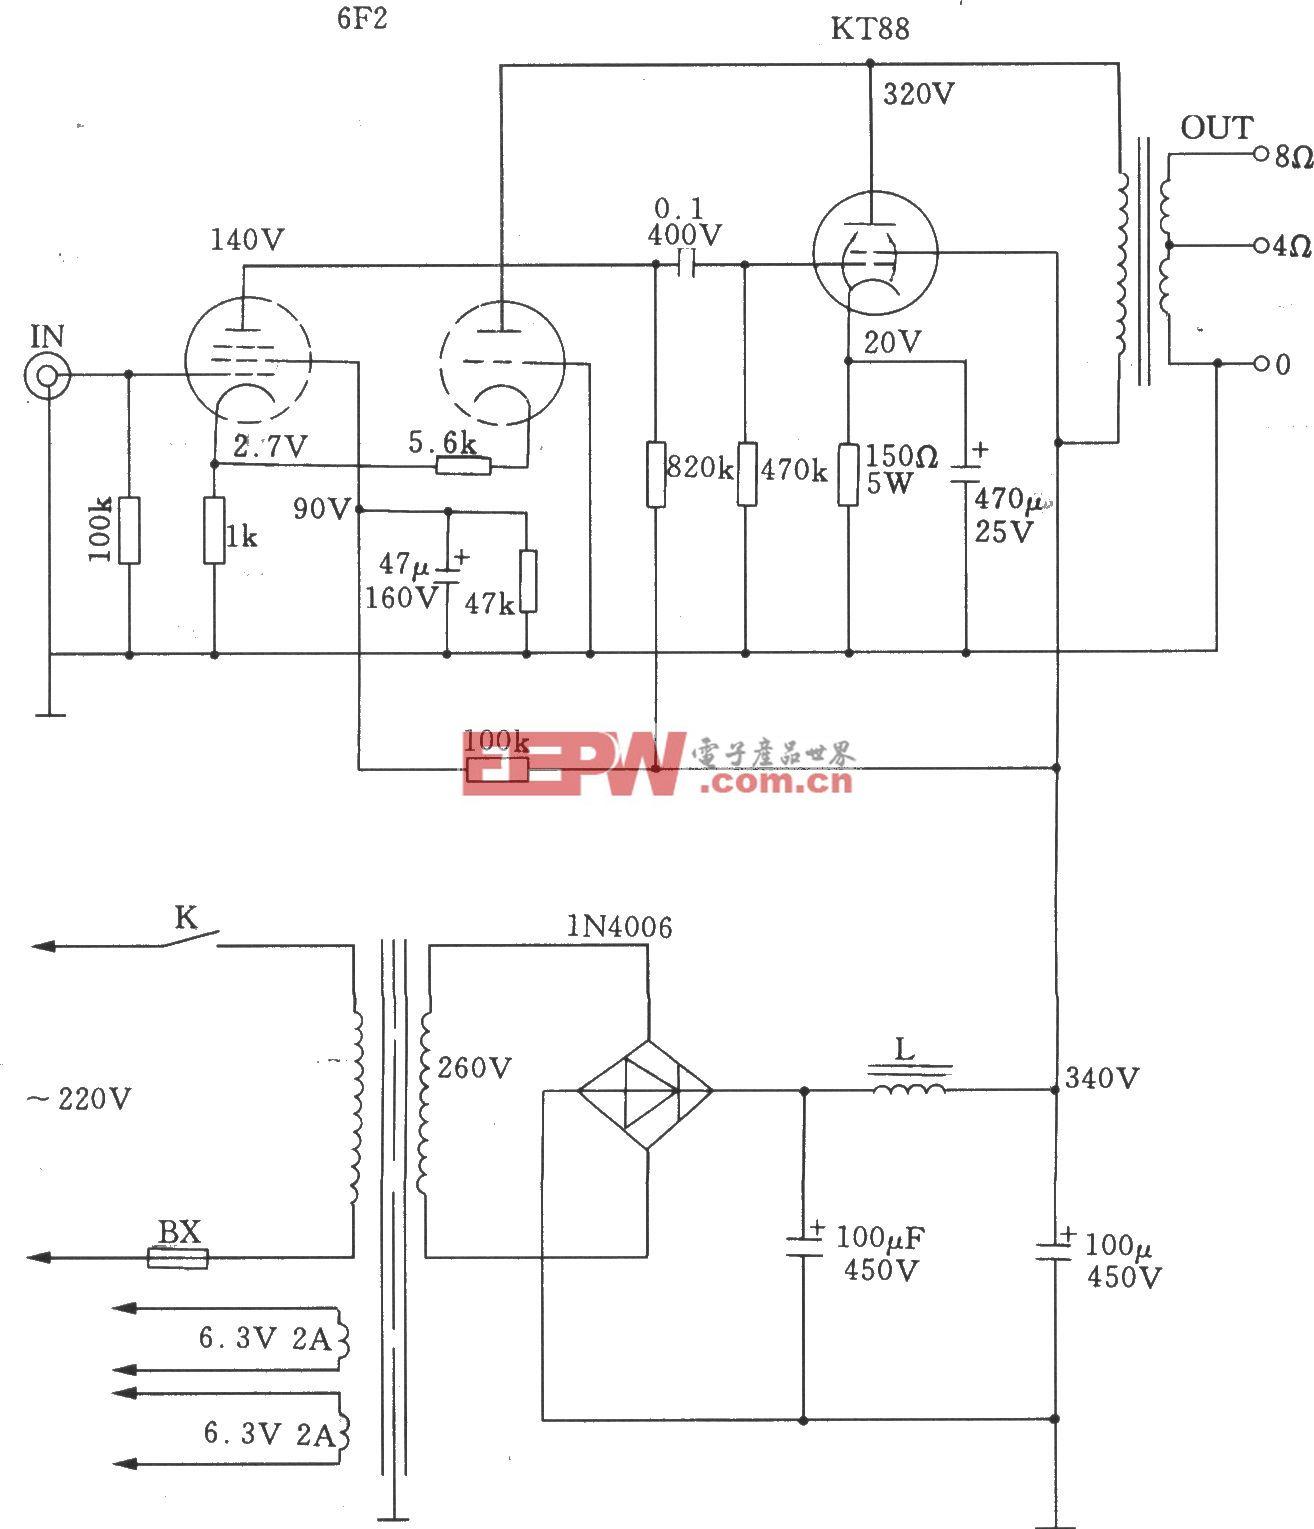 超三极电子管接法的单端A类功放